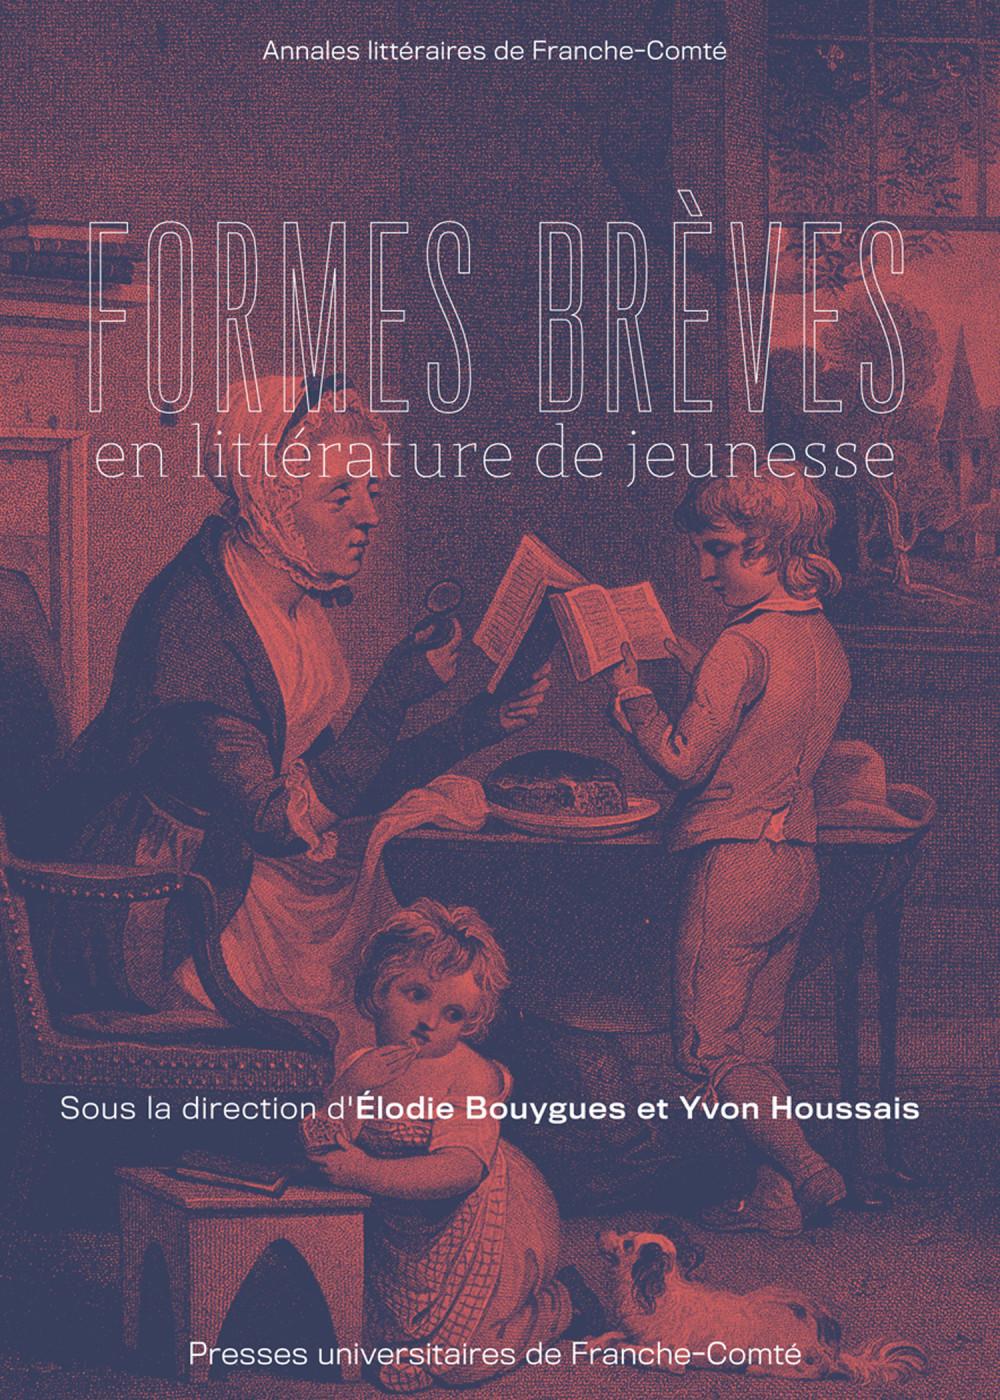 E. Bouygues, Y. Houssais (dir.), Formes brèves en littérature de jeunesse